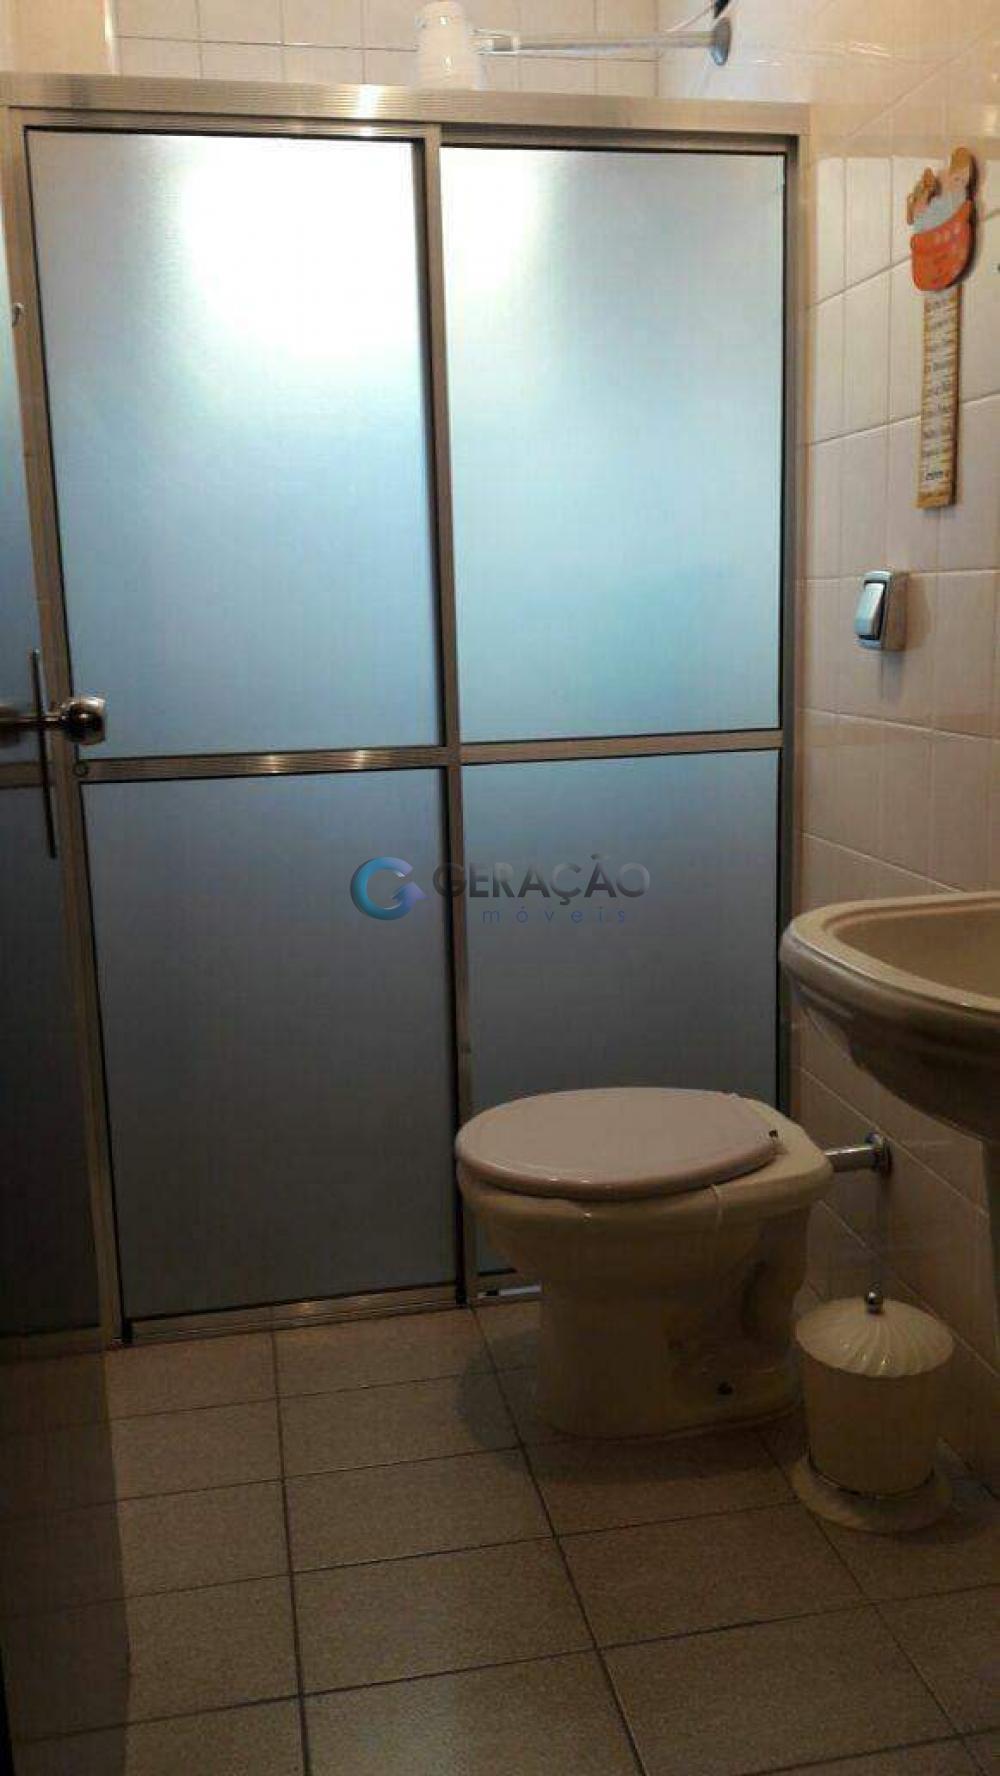 Comprar Apartamento / Padrão em Caraguatatuba R$ 250.000,00 - Foto 11